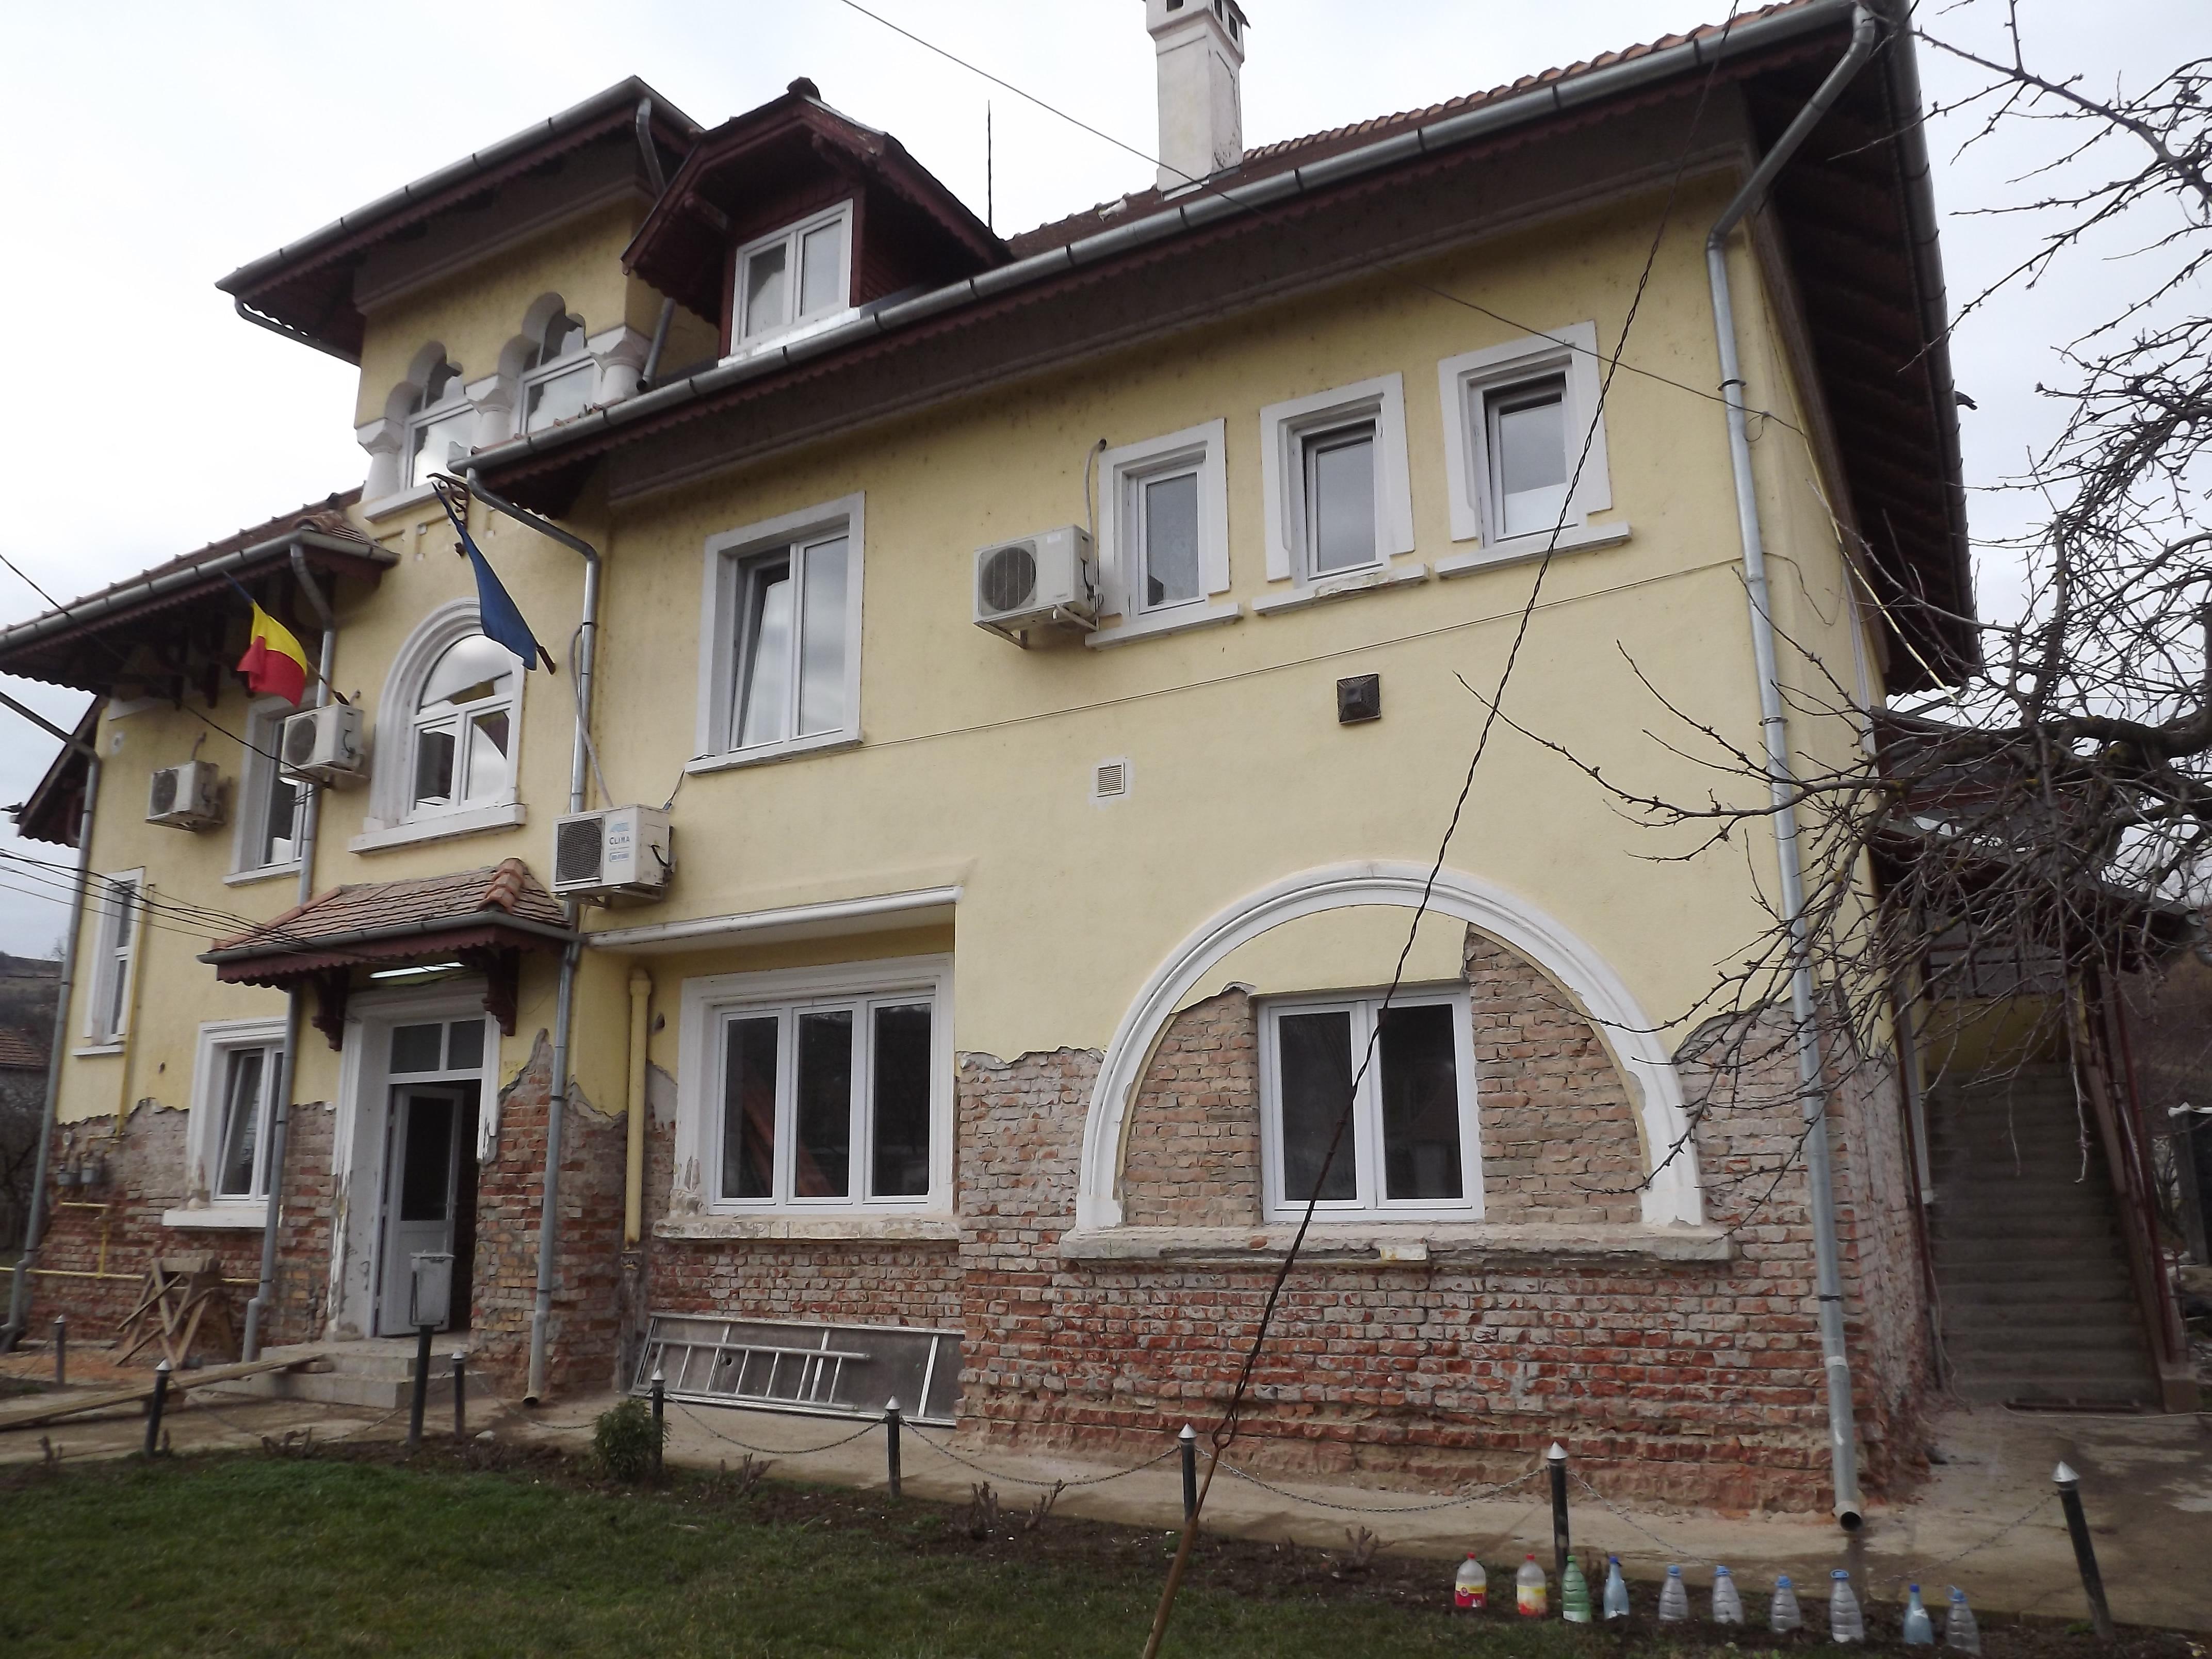 Imobil Deleni - Stoparea igrasiei in peretii de caramida la un imobil in Deleni, Sibiu